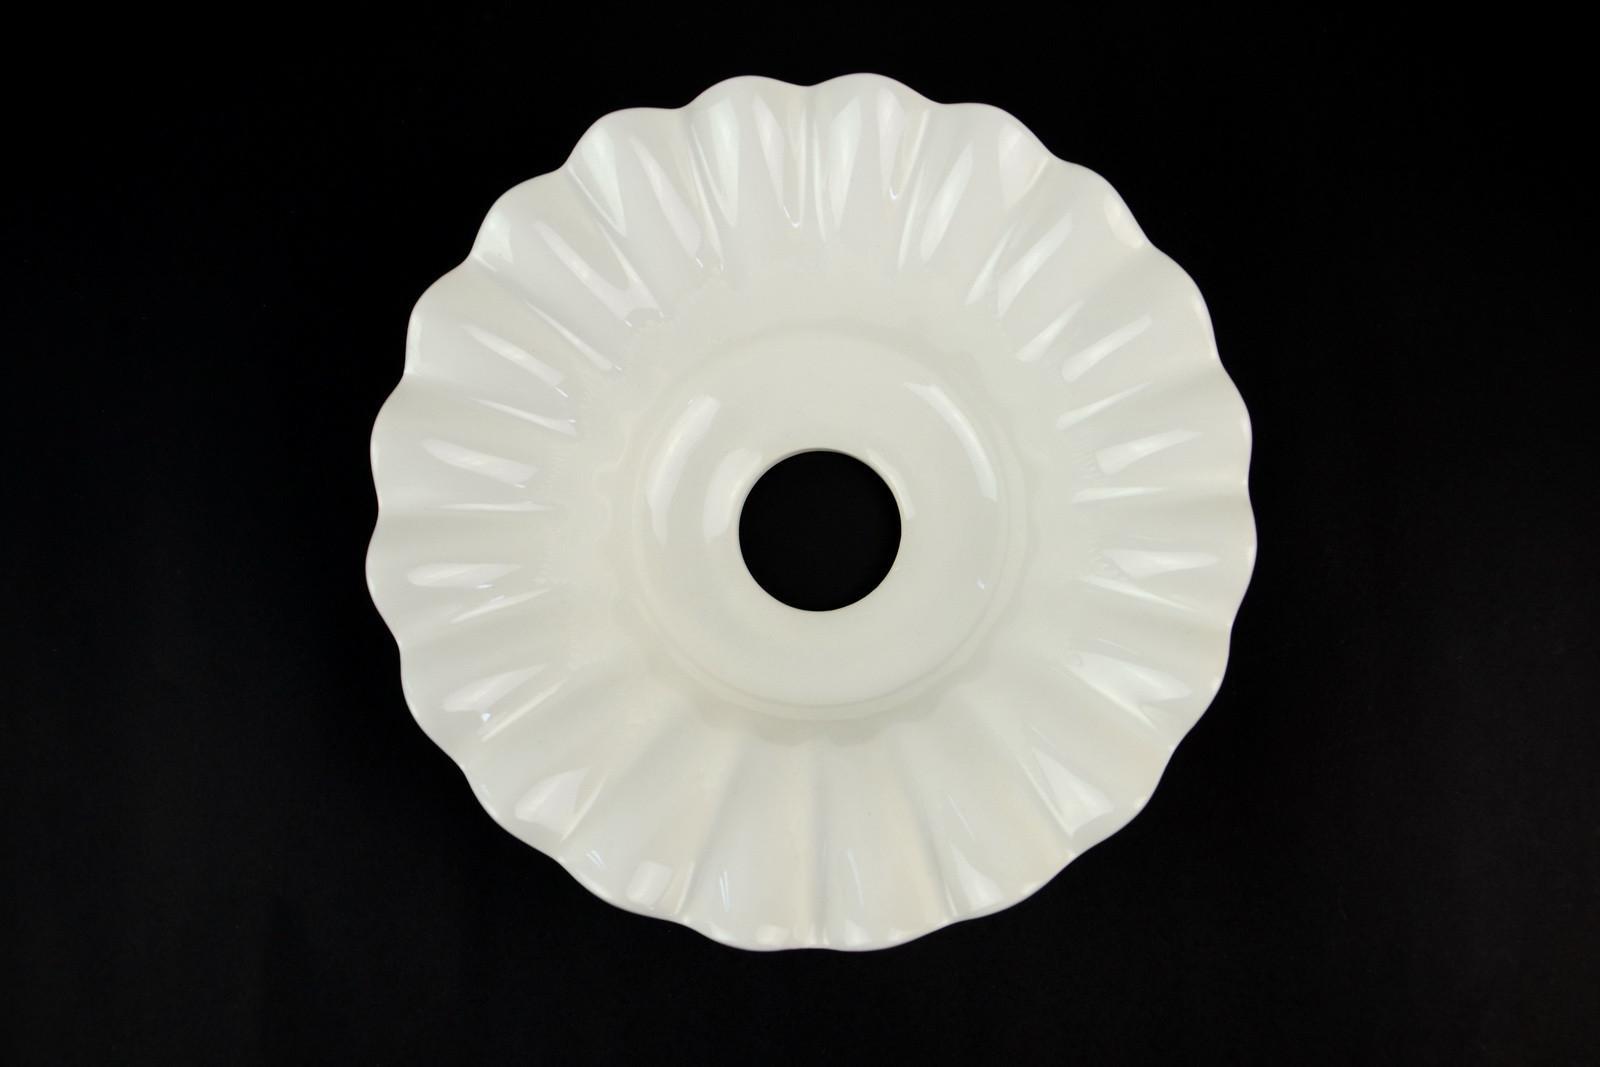 pv110-piatto-luce-in-ceramica-cm-20-1,1371.jpg?WebbinsCacheCounter=1